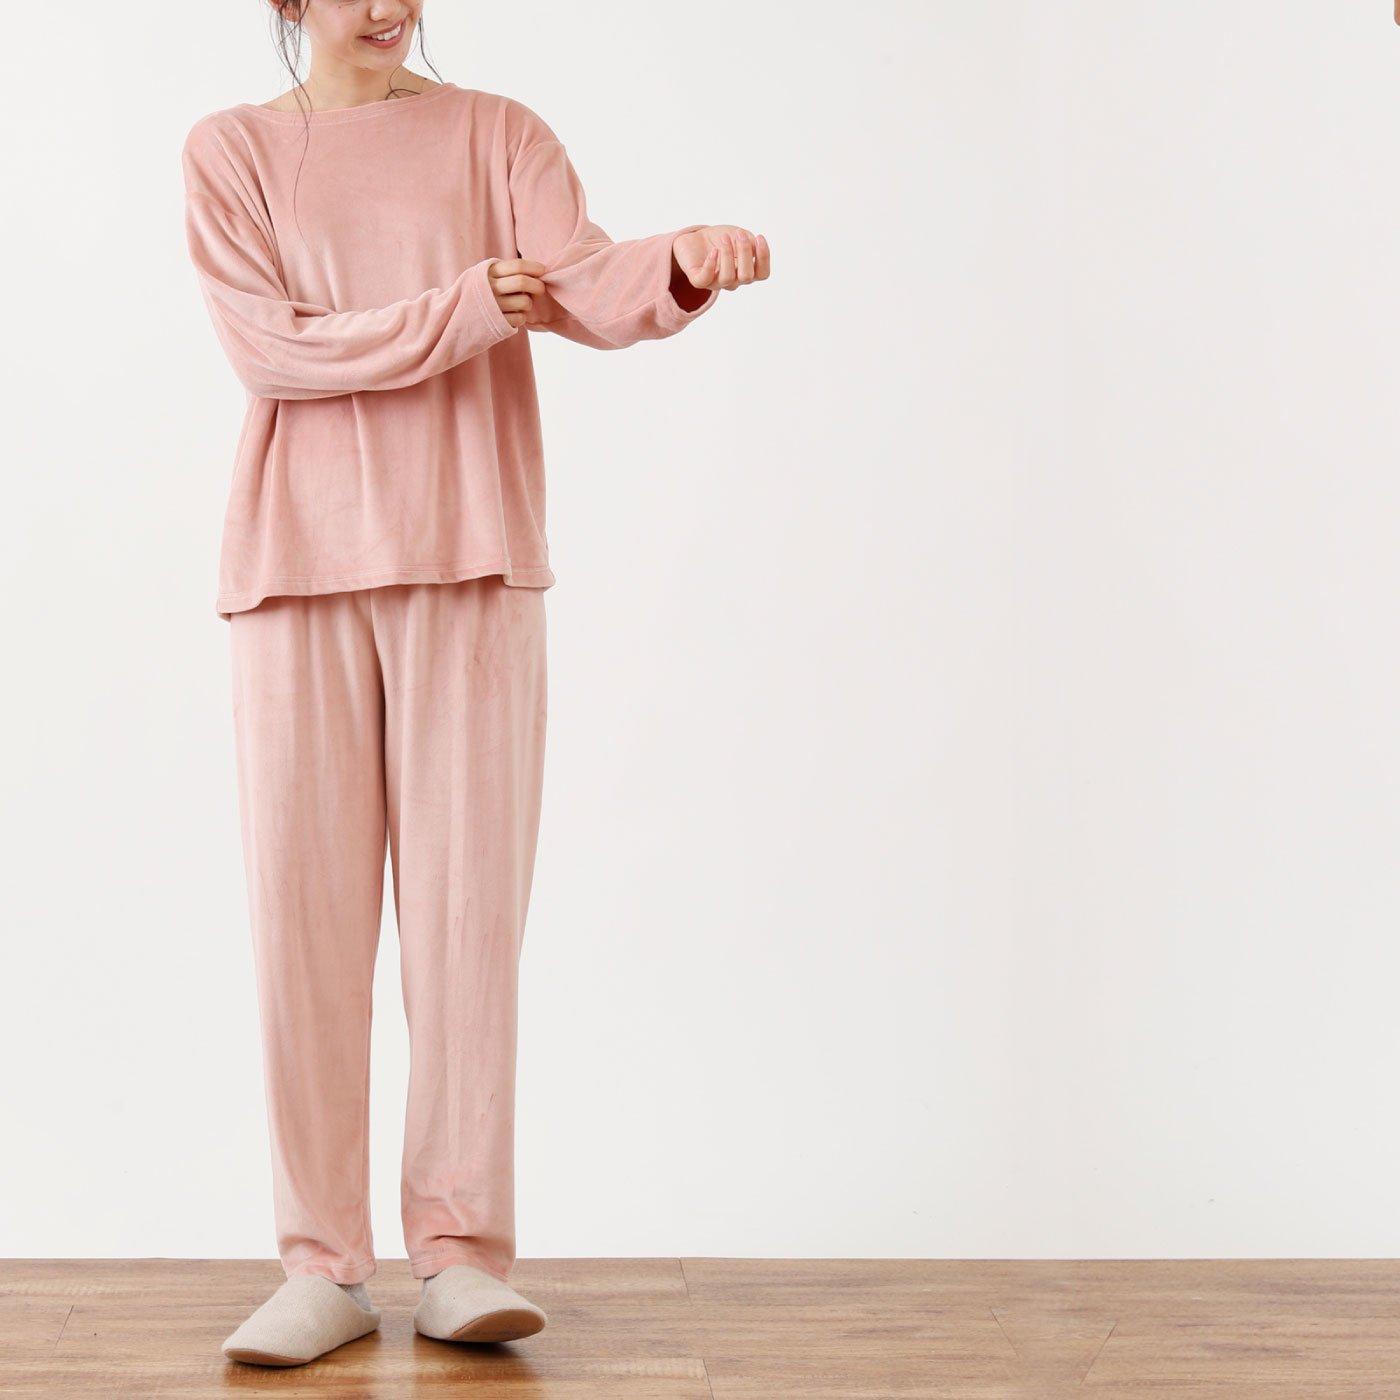 ゆったりかわいい クセになる手触りベロア風パジャマ